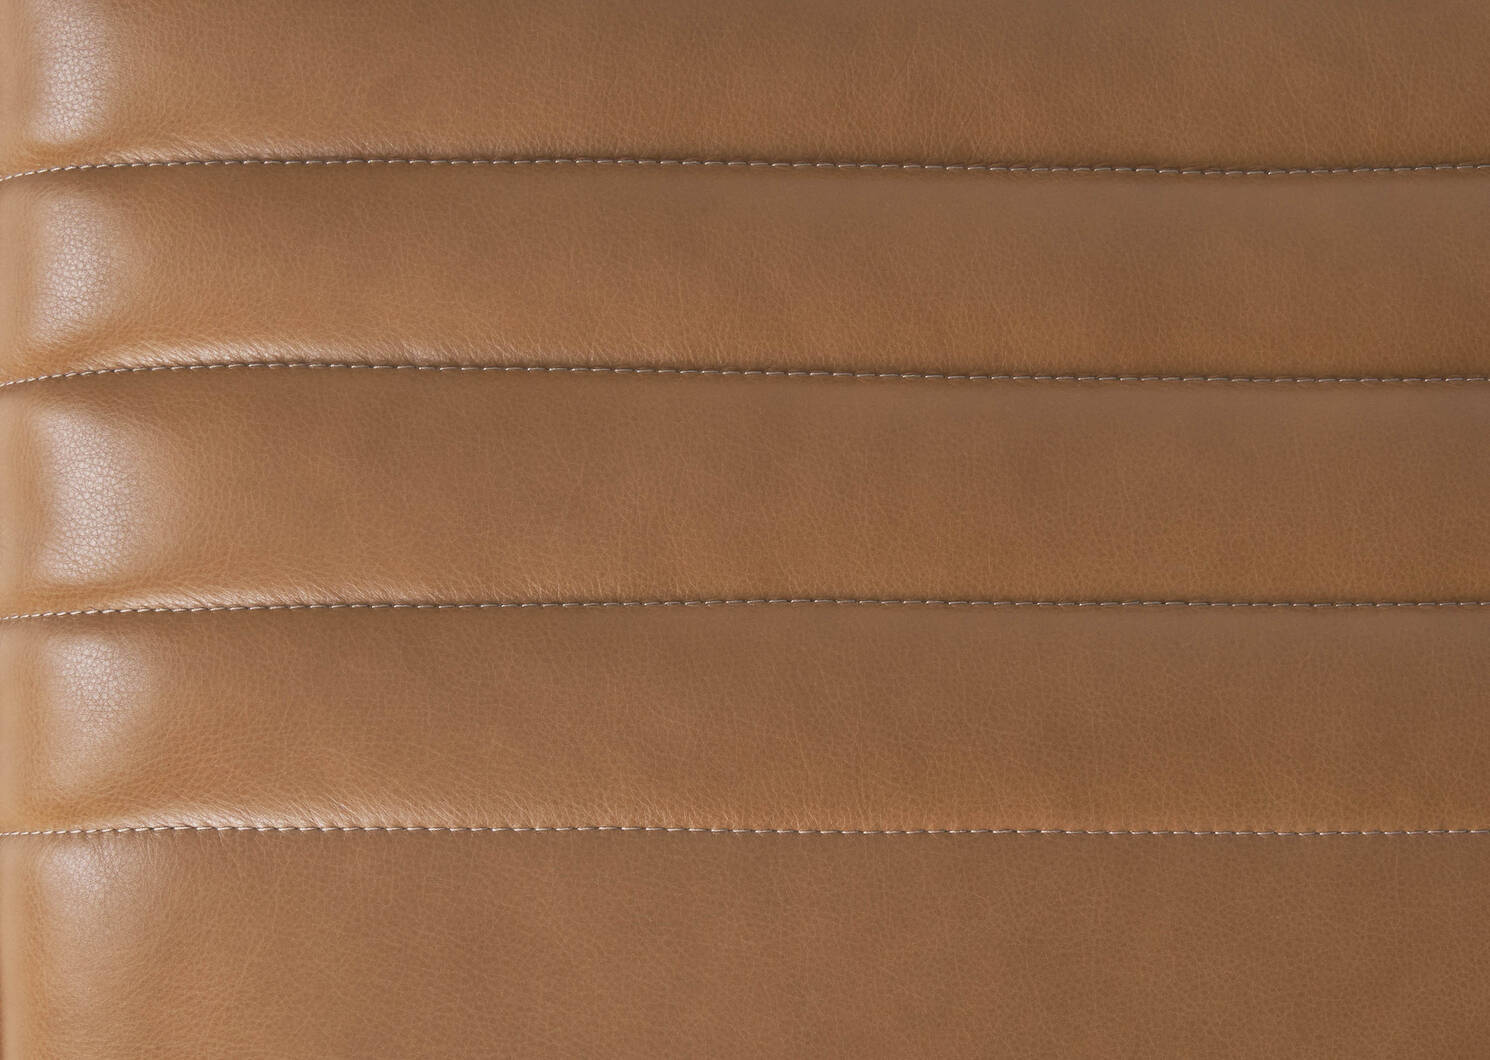 Skylar Leather Ottoman -Adler Tan